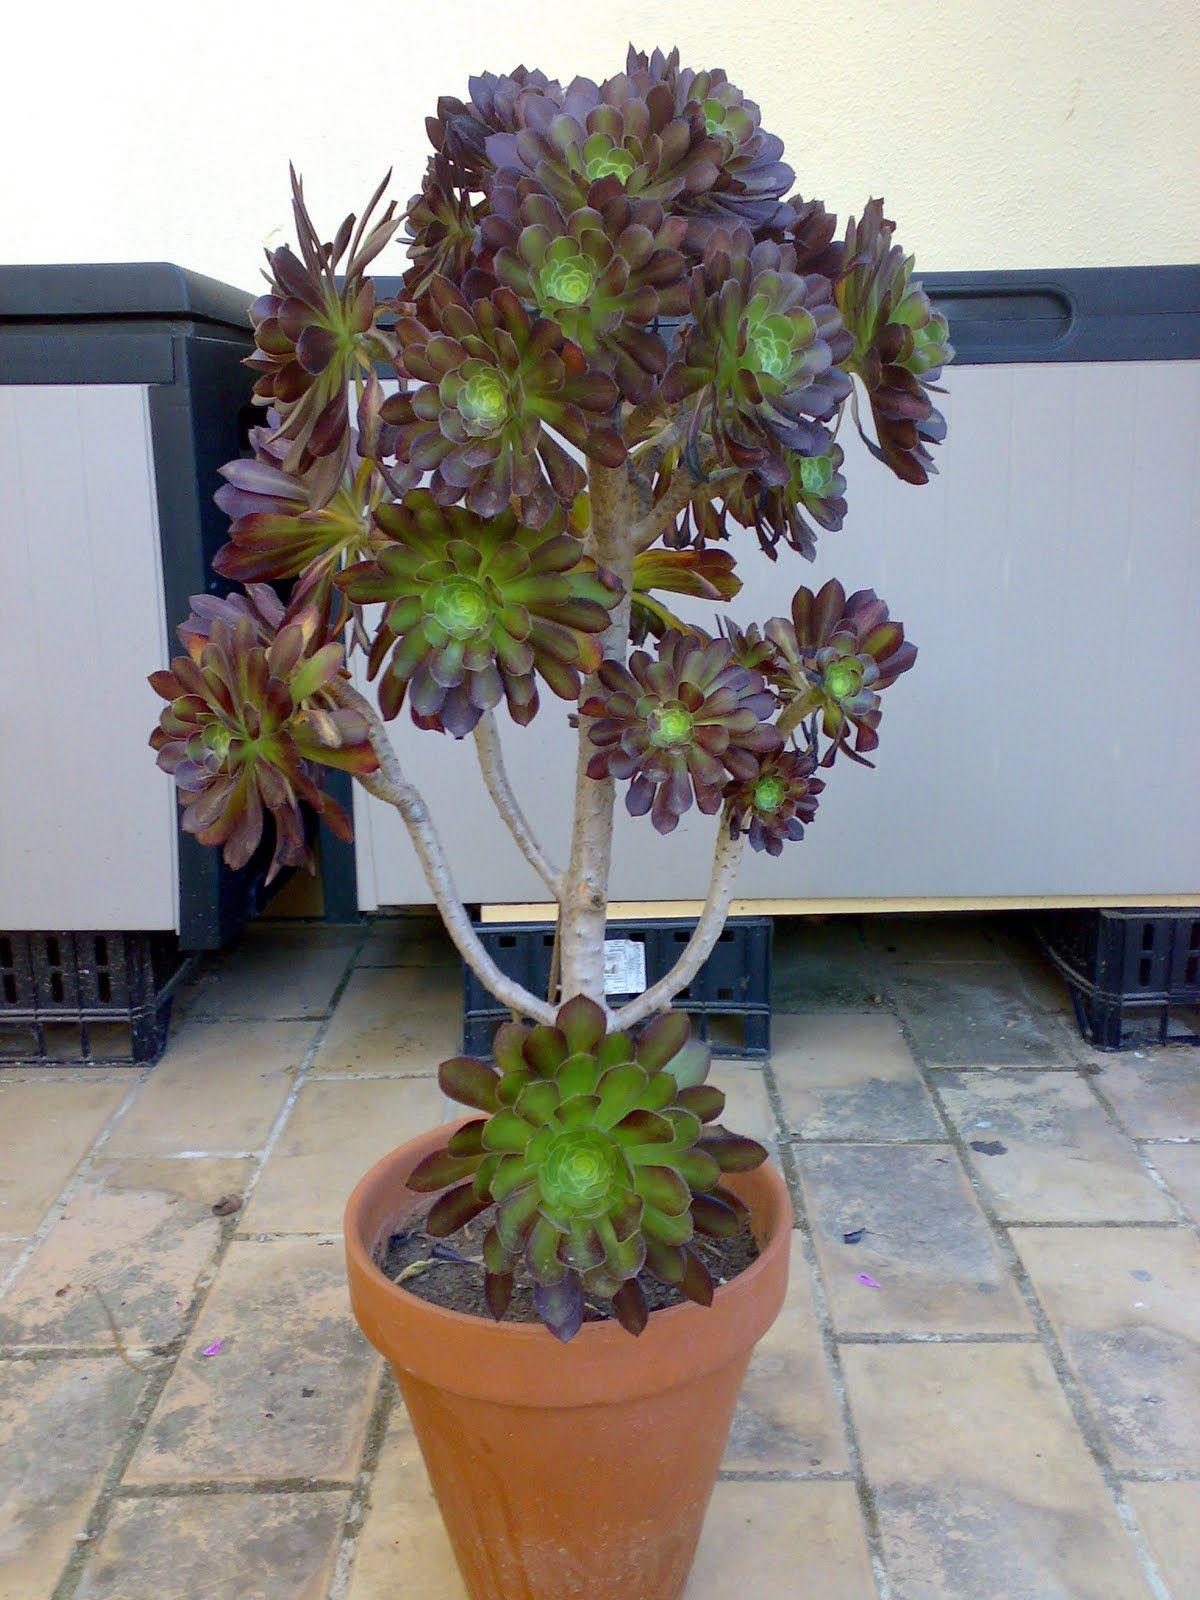 aeonium arboreum atropurpureum 03 10 16 aeonium arboreum atropurpureum 14 03 16 gardening. Black Bedroom Furniture Sets. Home Design Ideas